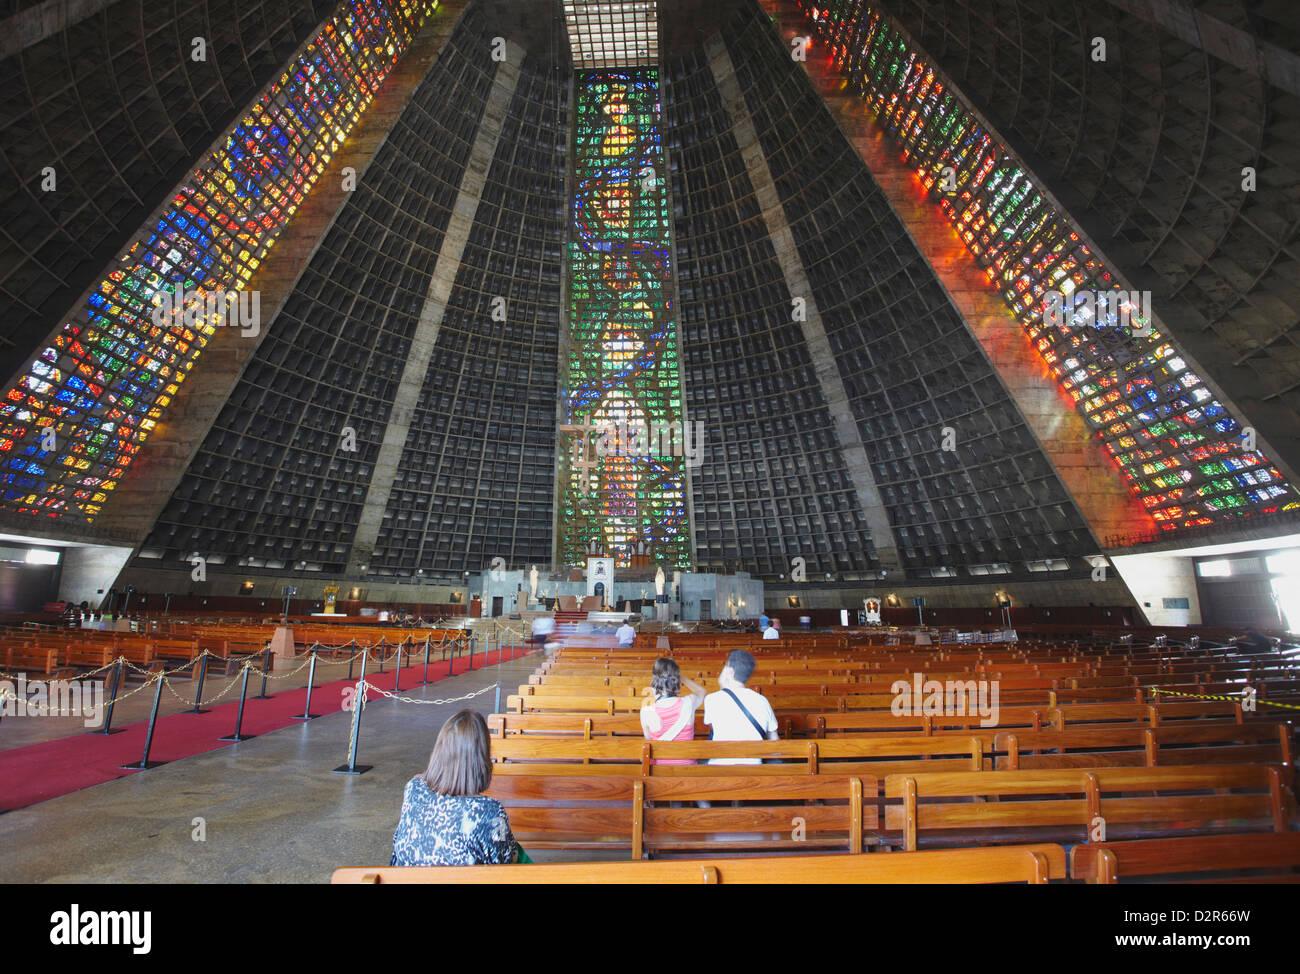 Intérieur de la cathédrale métropolitaine de Saint Sébastien, Centro, Rio de Janeiro, Brésil, Photo Stock